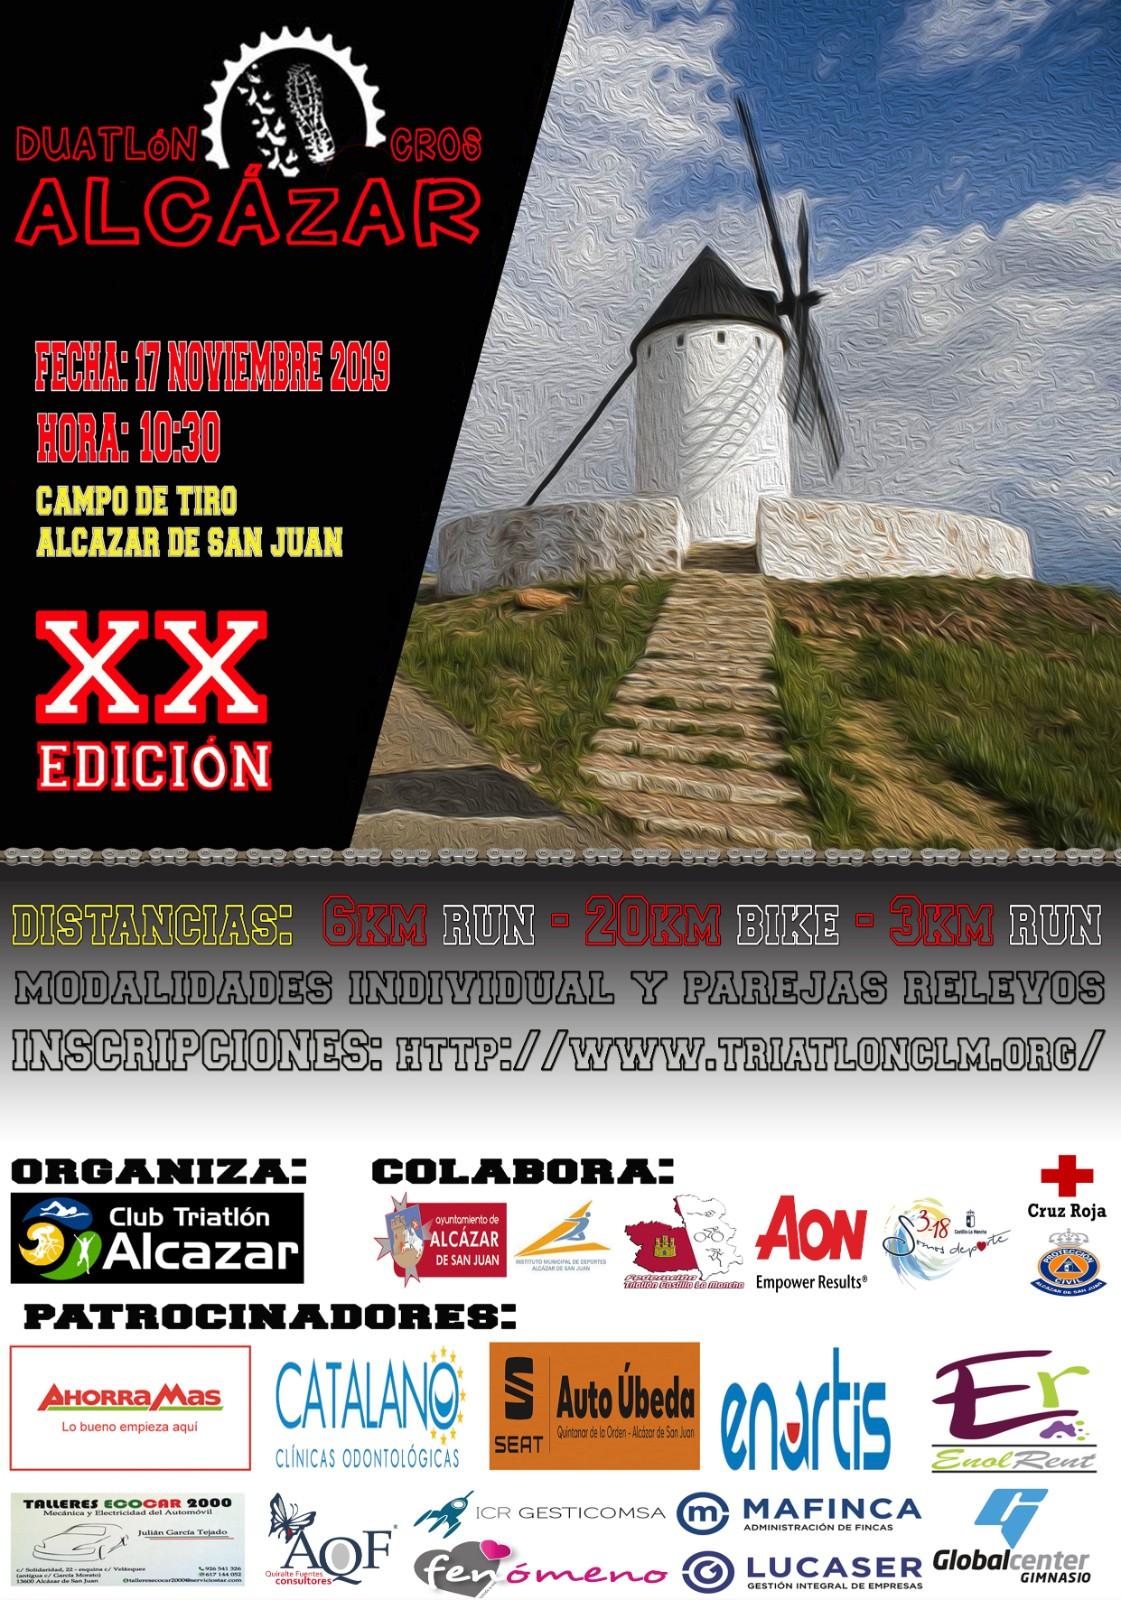 Resultados del XX Duatlón de Alcázar de San Juan